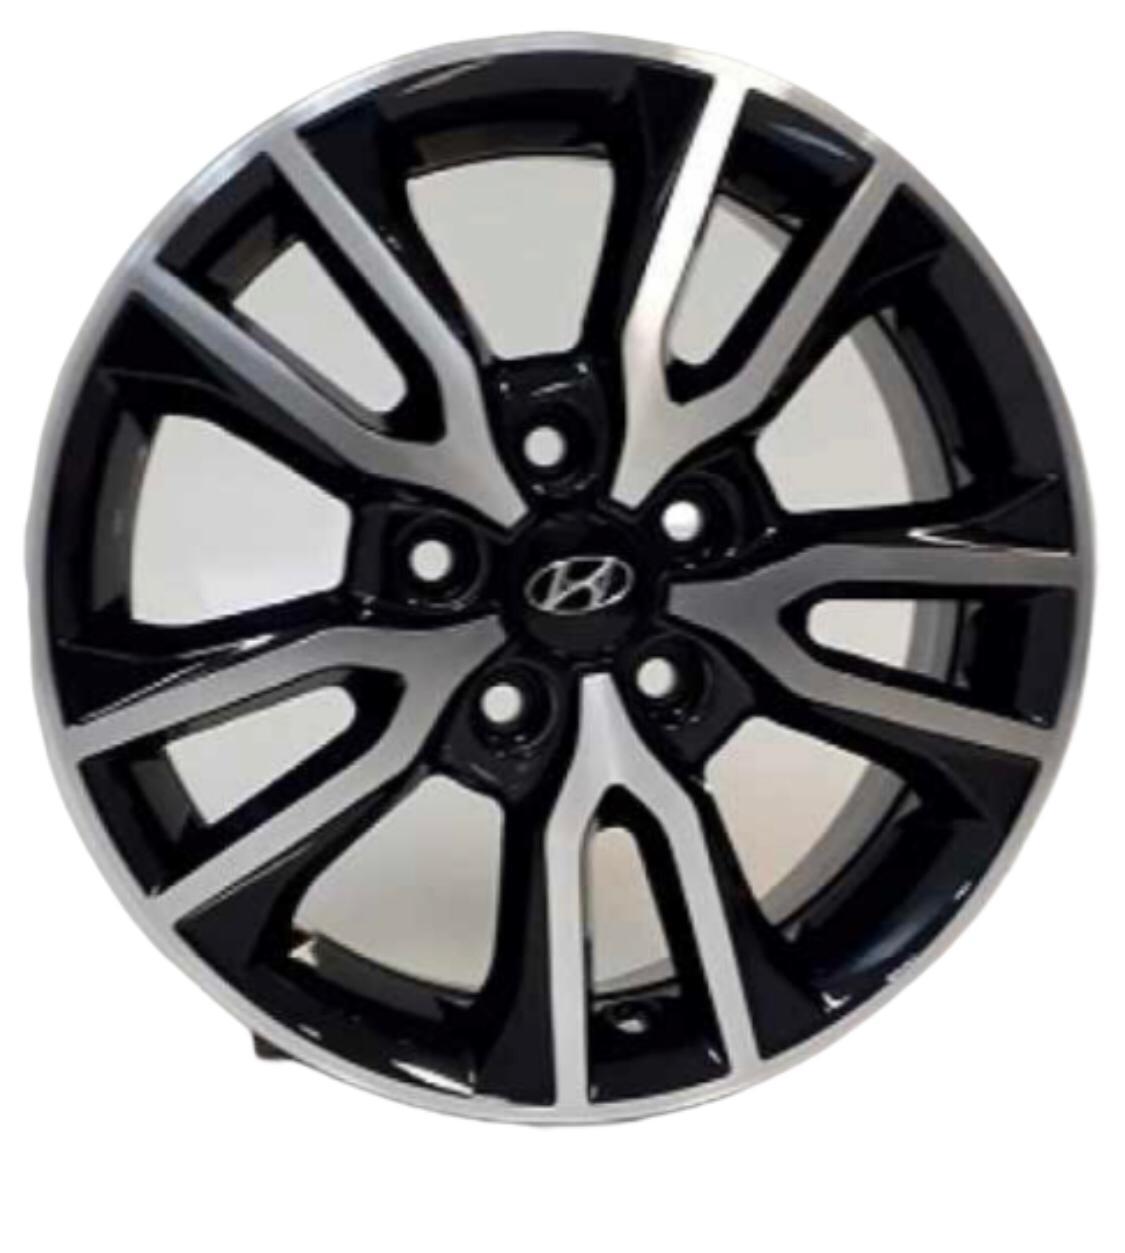 Kit 4 Rodas Aro 16x6 Hyundai Creta  5x114,3 BD Krmai R98